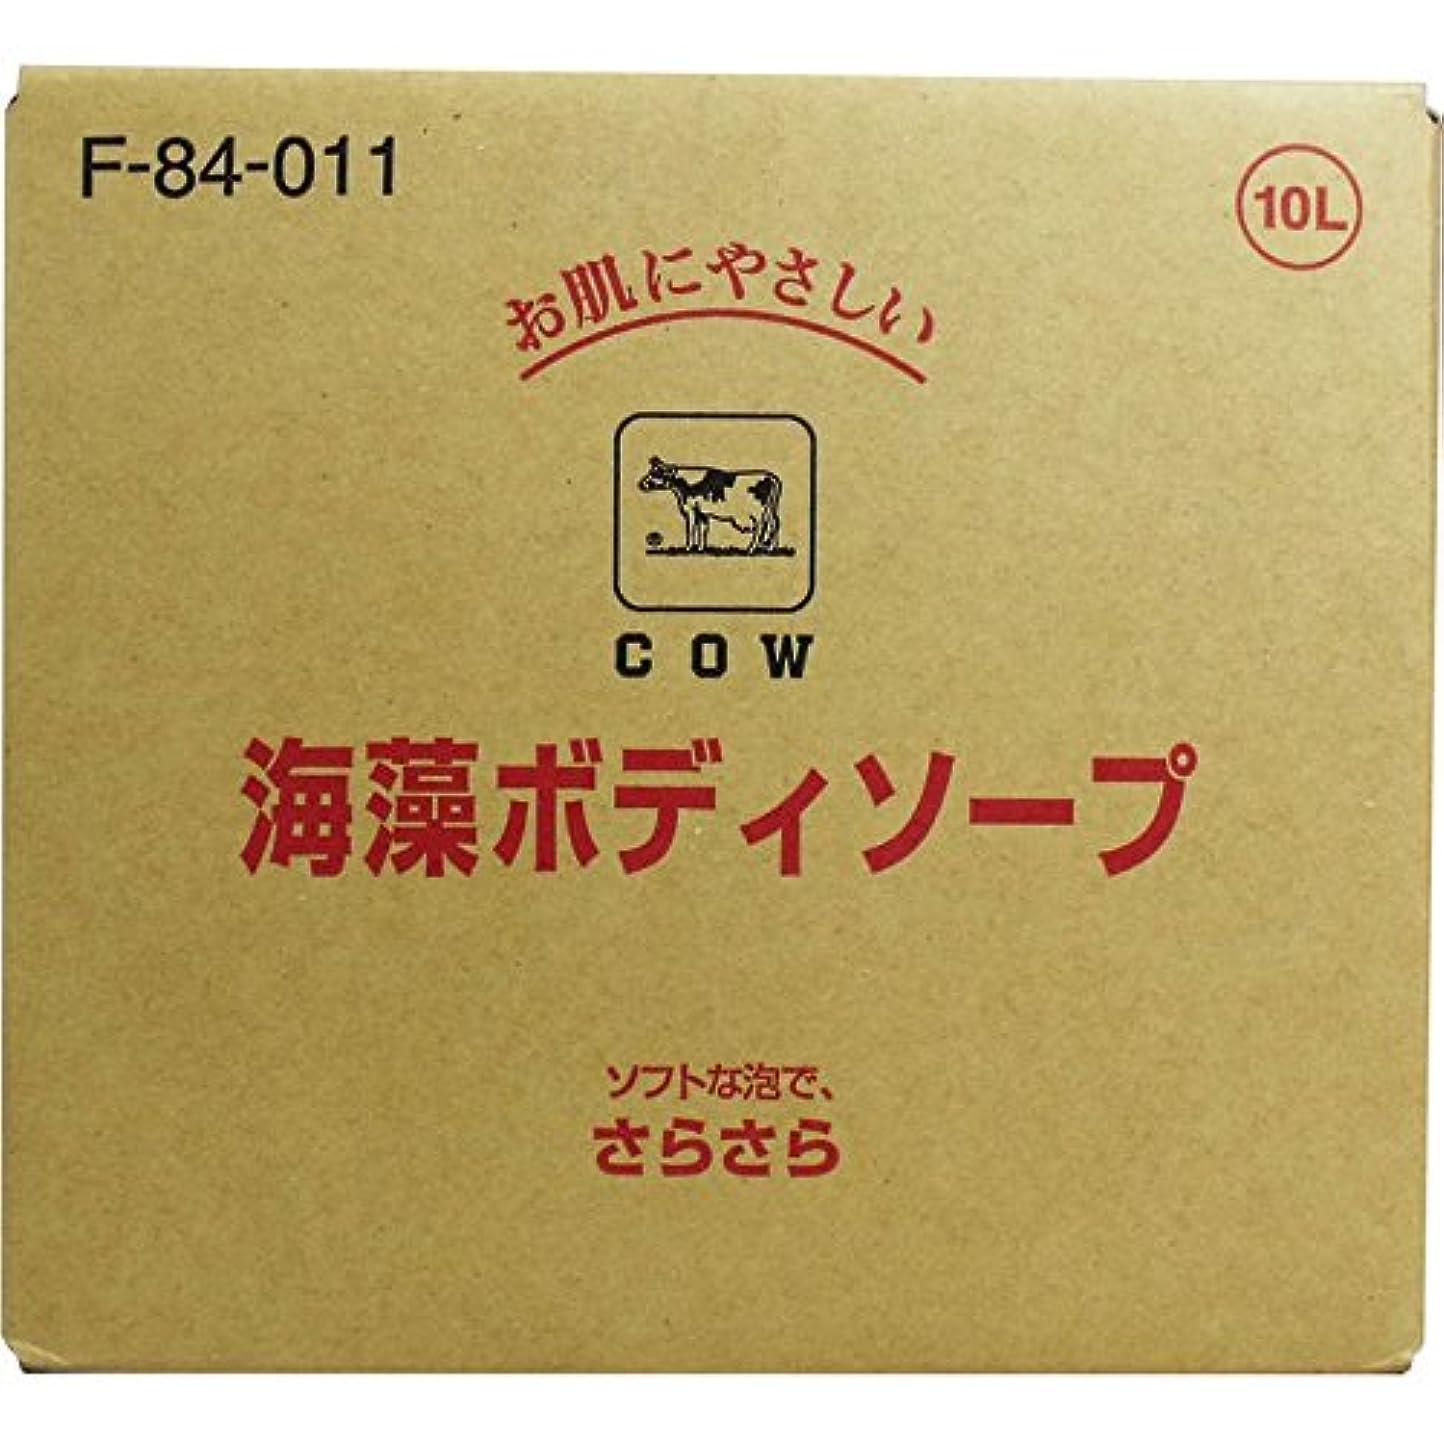 高い敬変なボディ 石けん詰め替え さらさらした洗い心地 便利商品 牛乳ブランド 海藻ボディソープ 業務用 10L